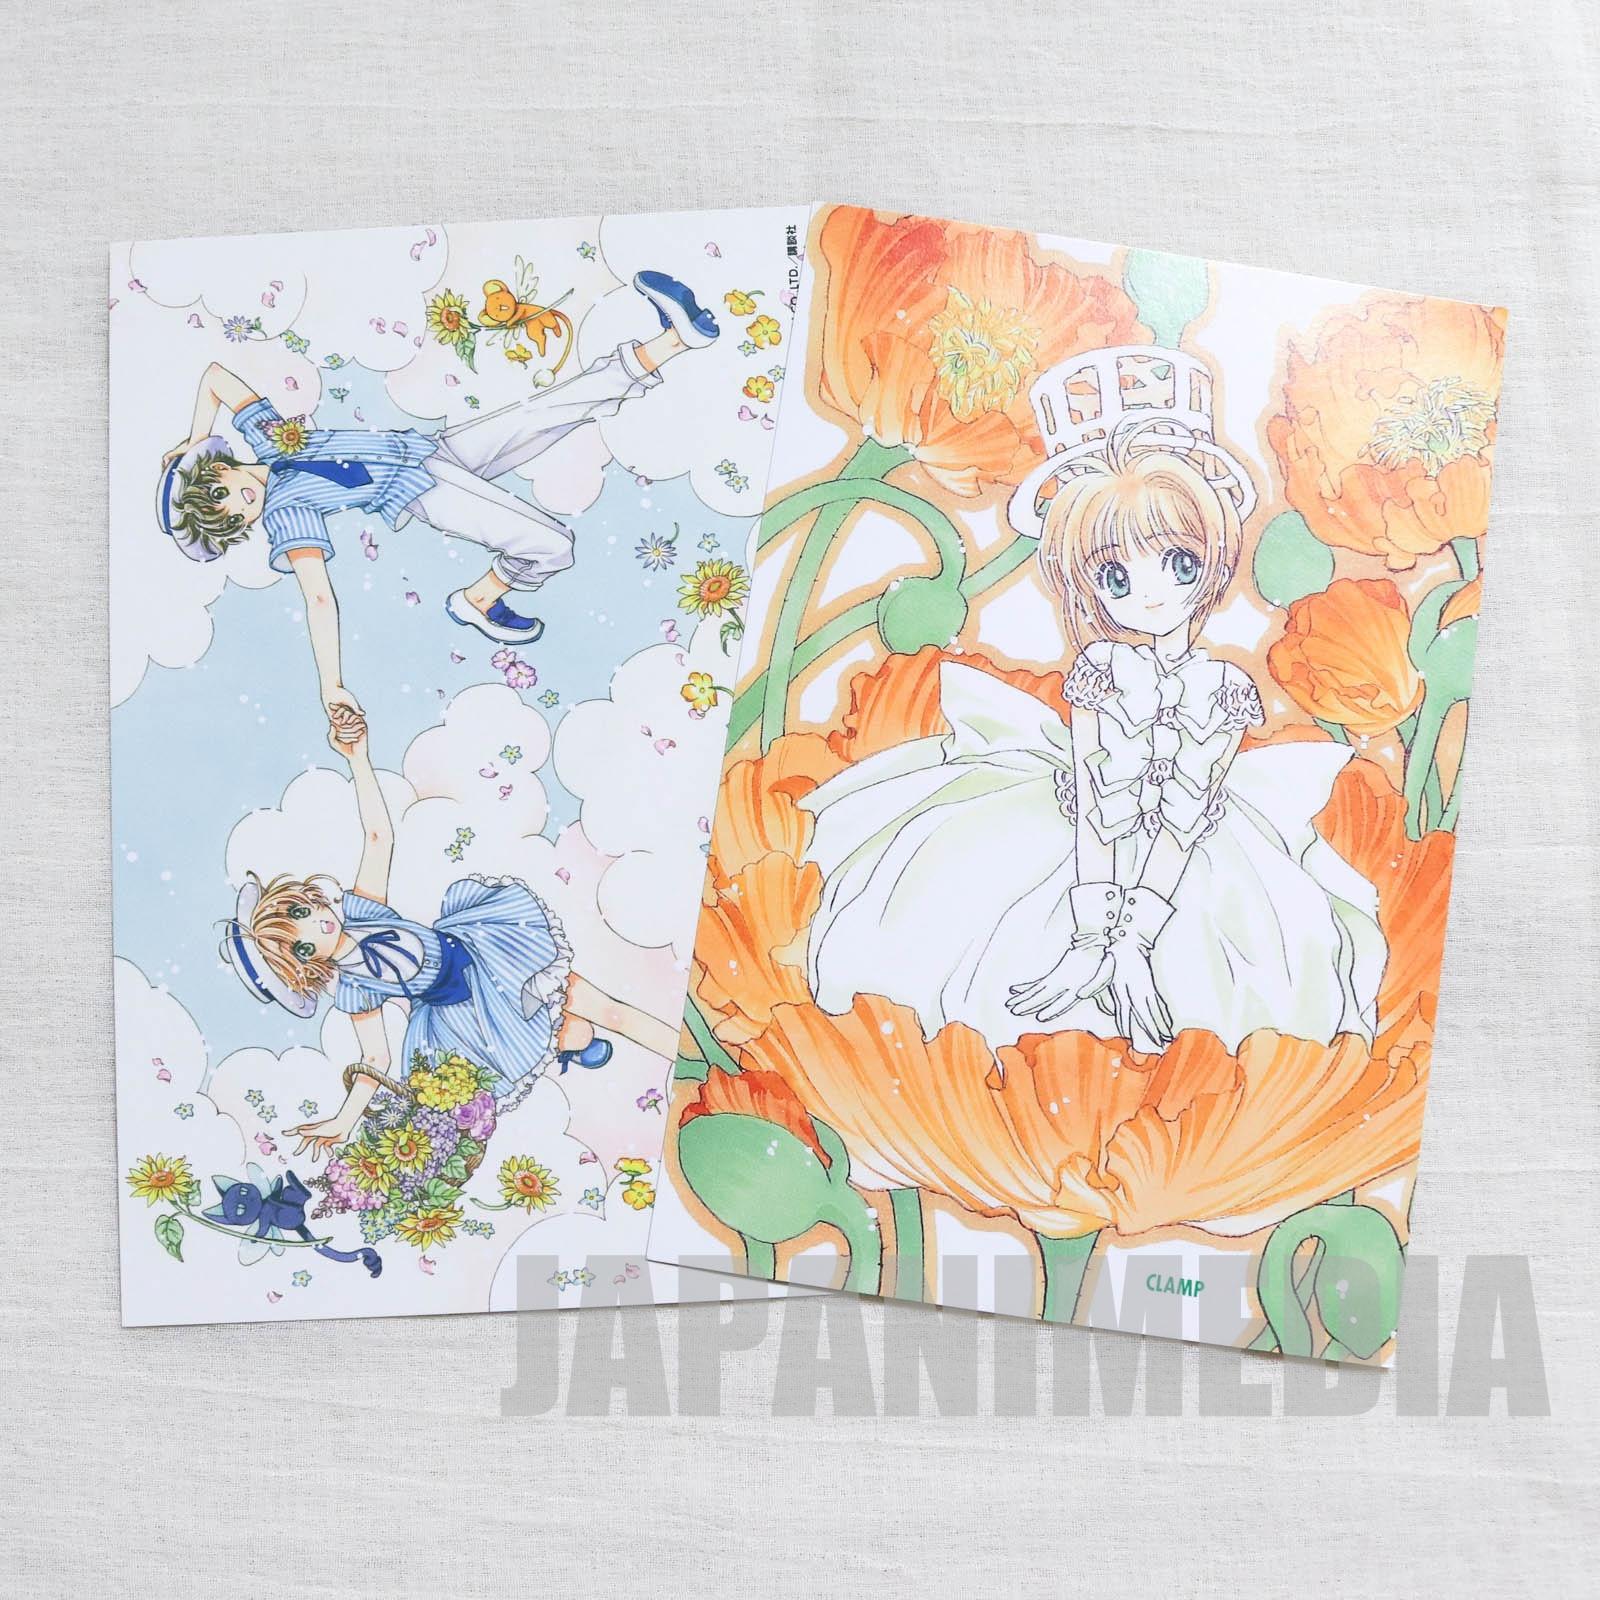 Cardcaptor Sakura Nakayoshi Post card 2pc set [Sakura Kinomoto | Syaoran Li] CLAMP JAPAN